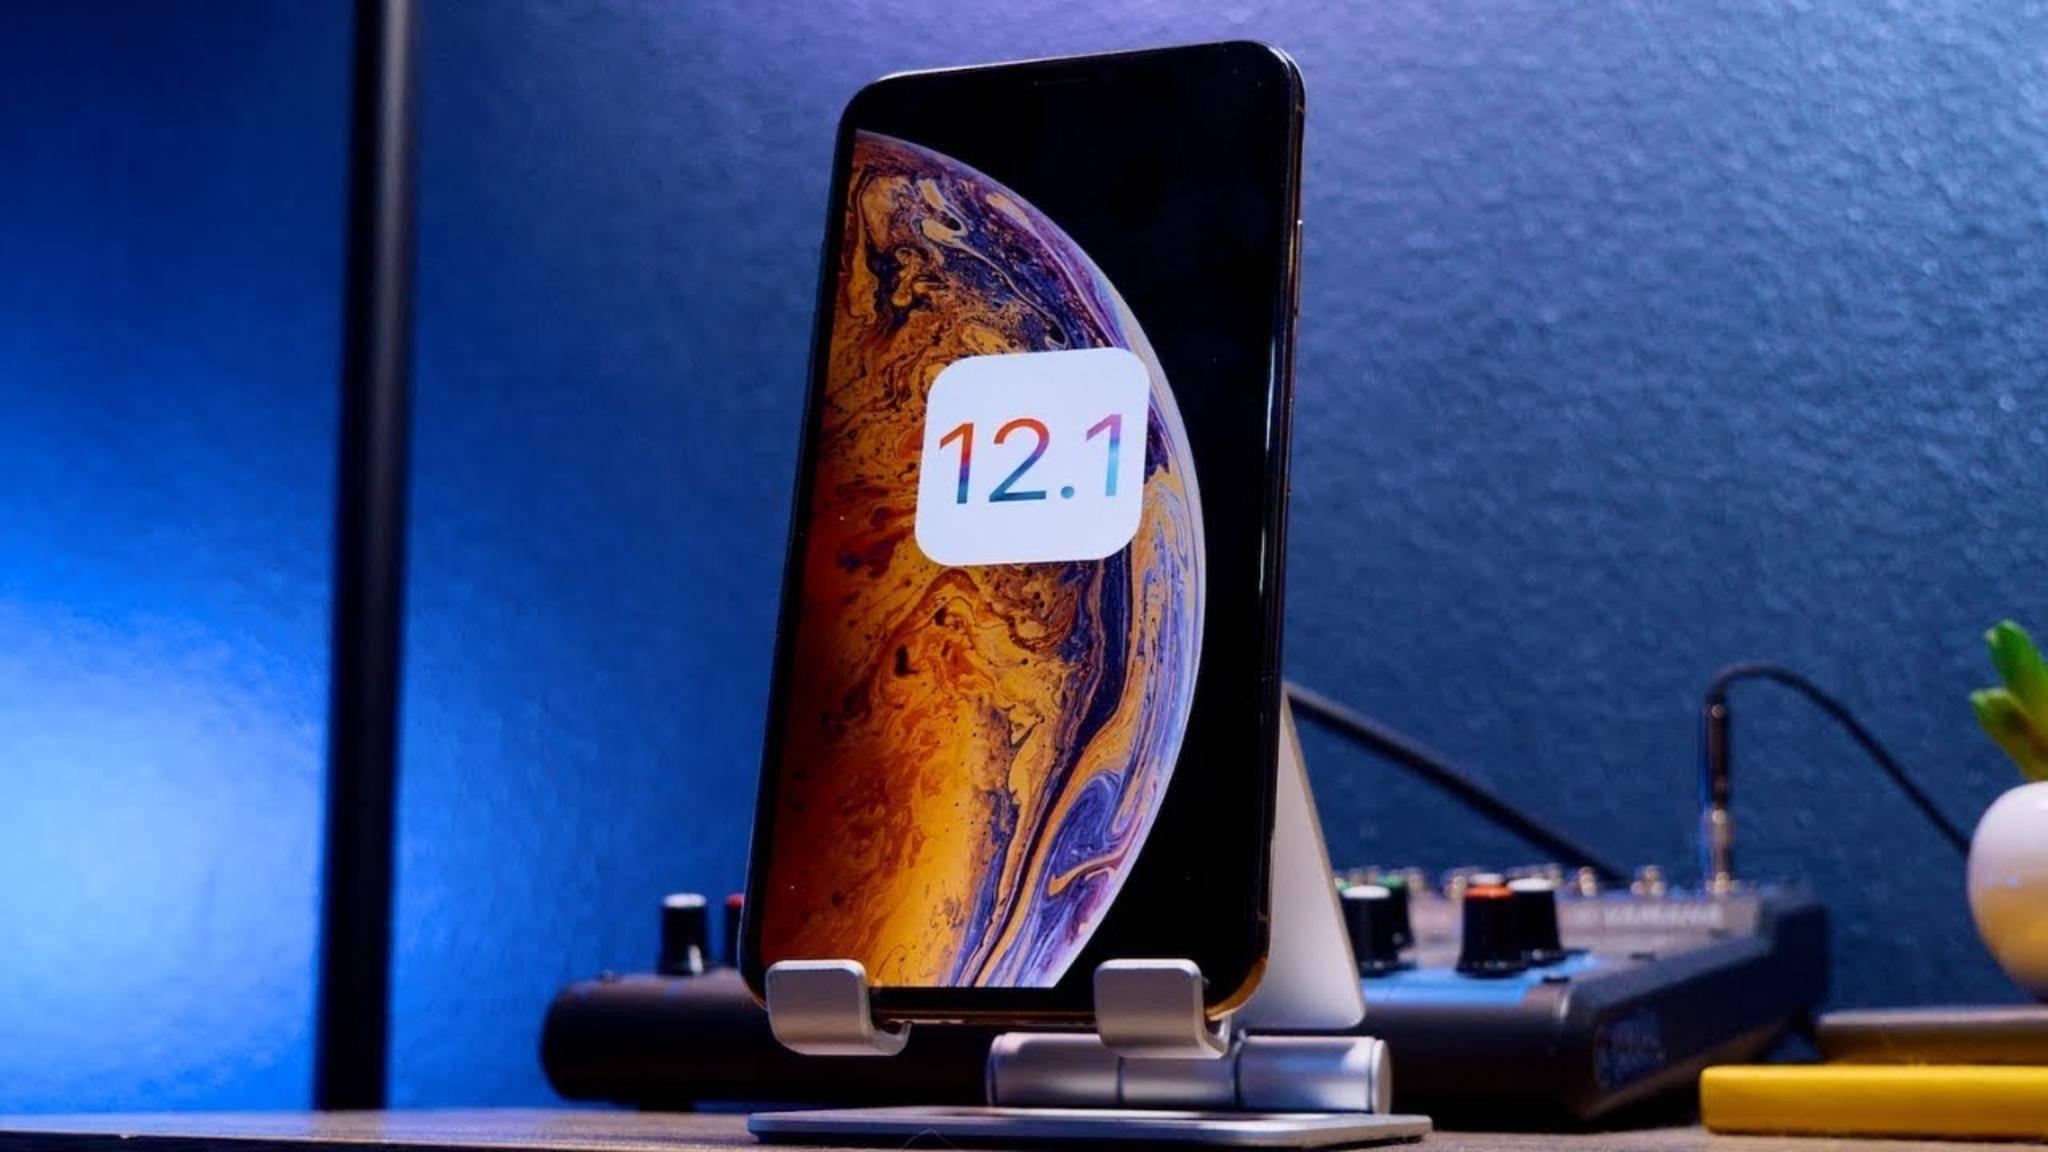 iOS 12.1 schaltet unter anderem die Dual-SIM-Option frei.